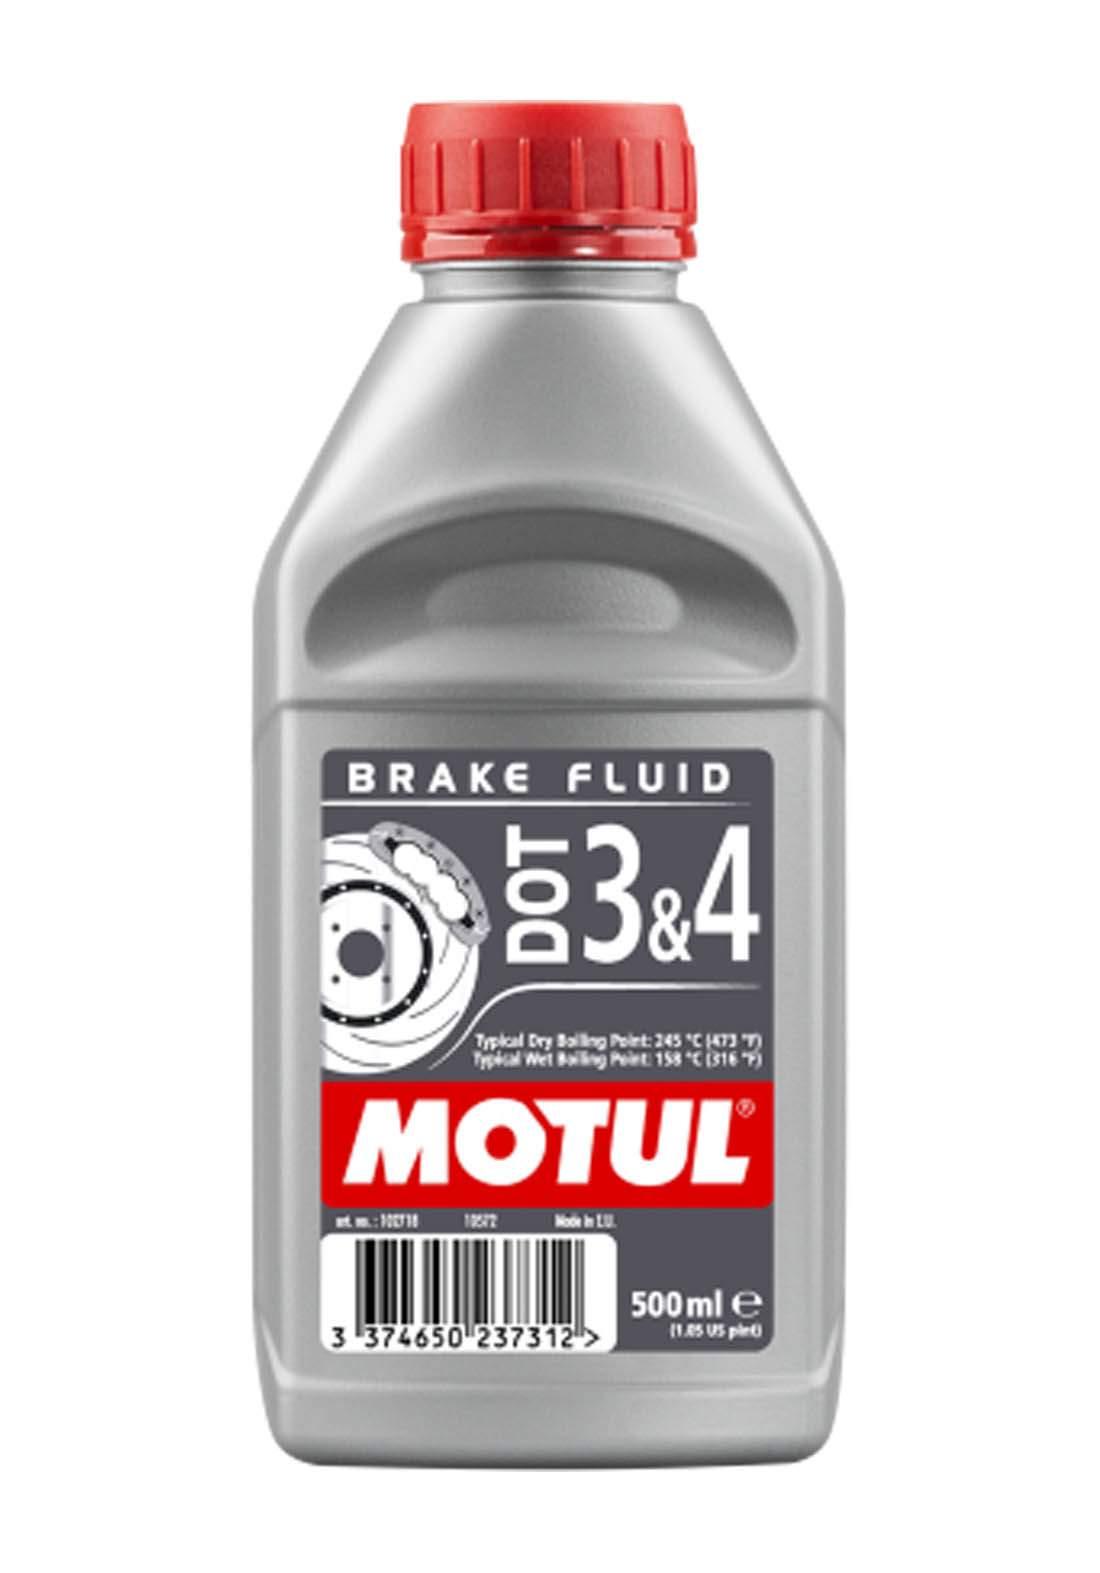 Motul Dot3&4 Brake Fluid  Fully Synthetic 500 ml زيت للفرامل